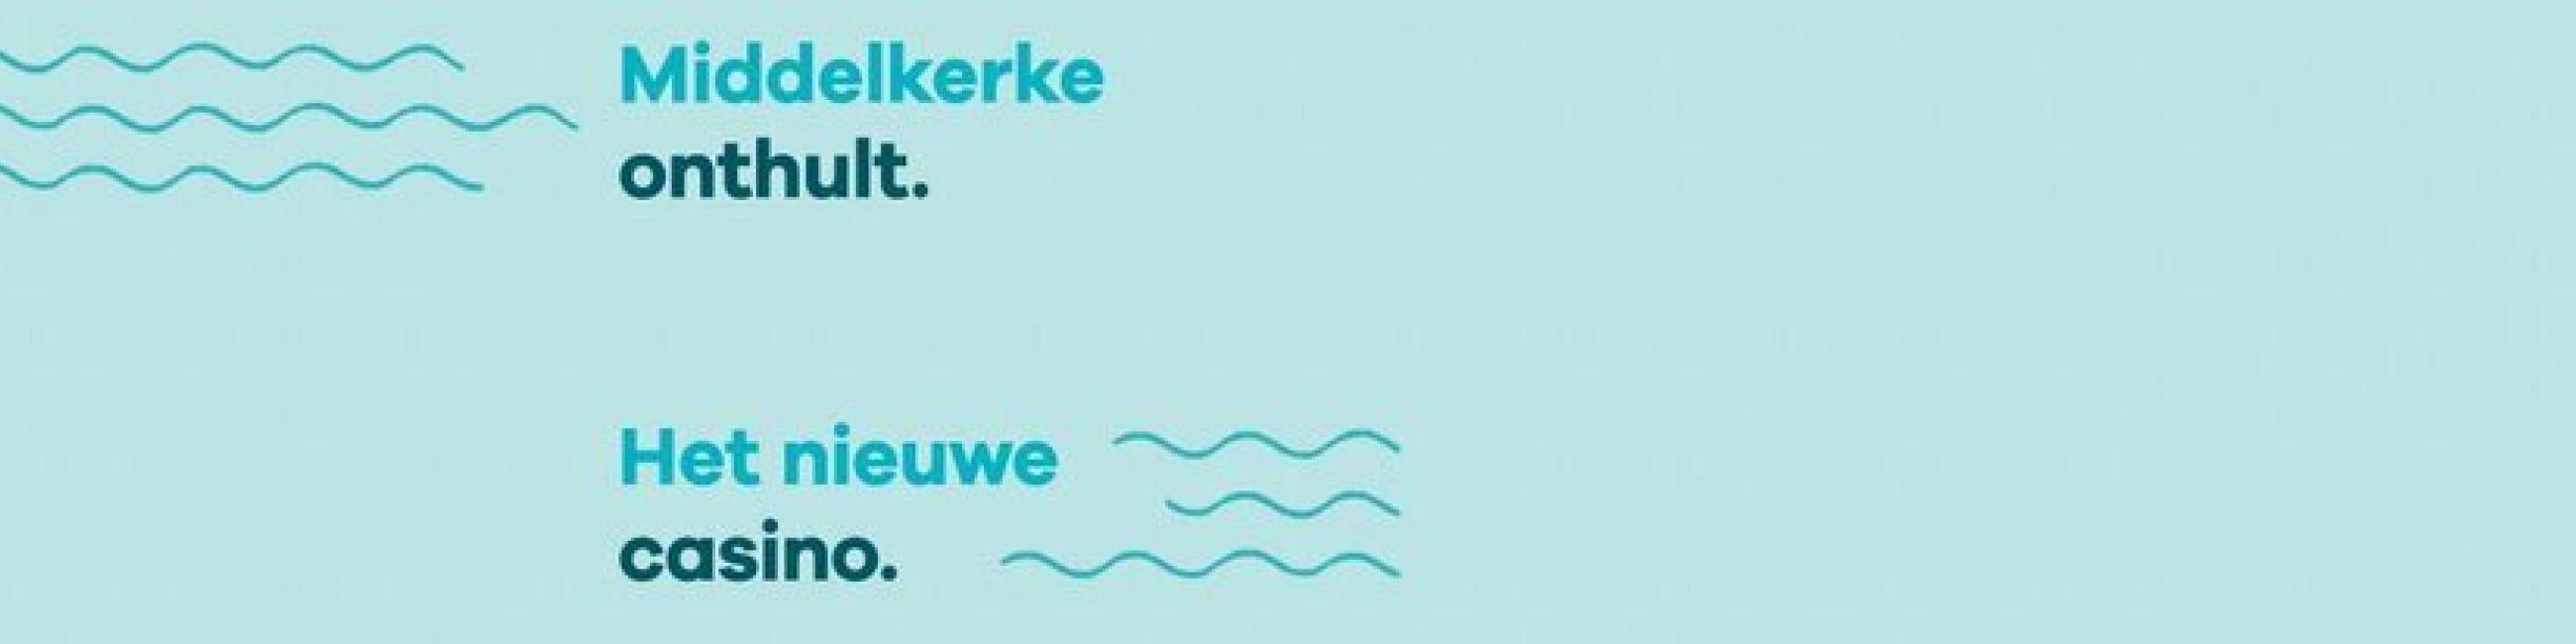 nieuw casino